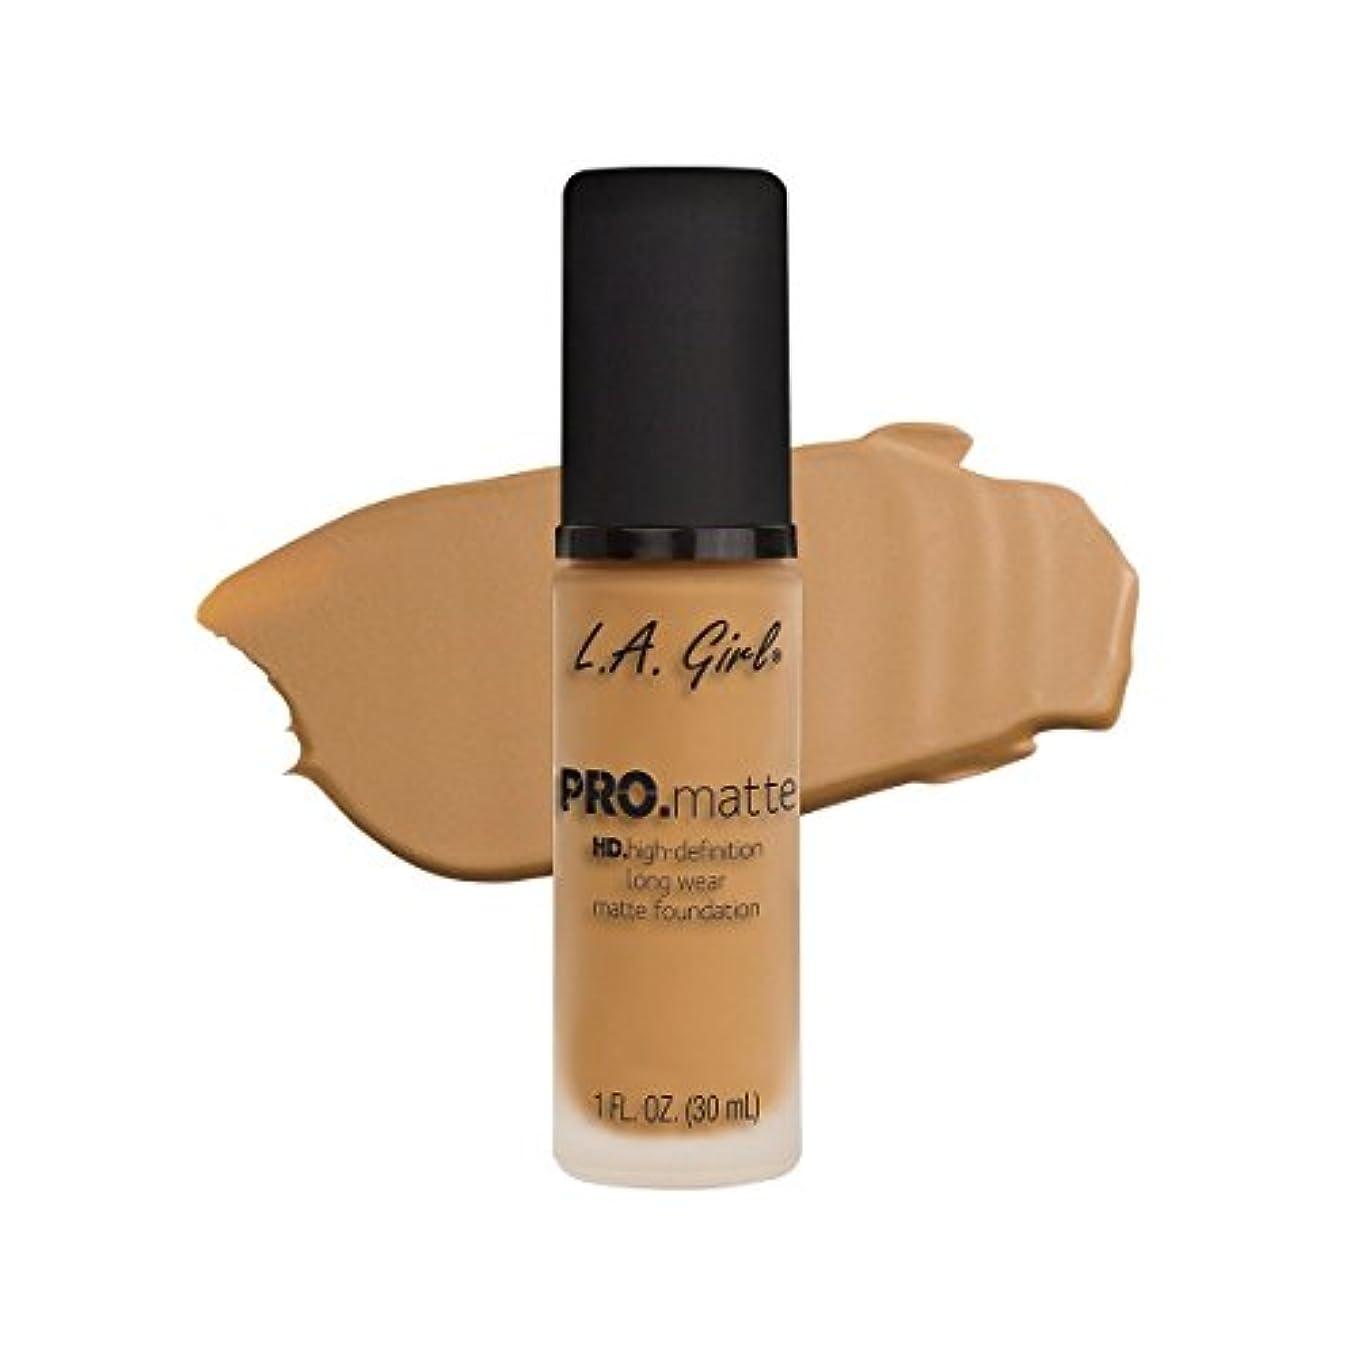 保全運動する裏切り(6 Pack) L.A. GIRL Pro Matte Foundation - Light Tan (並行輸入品)